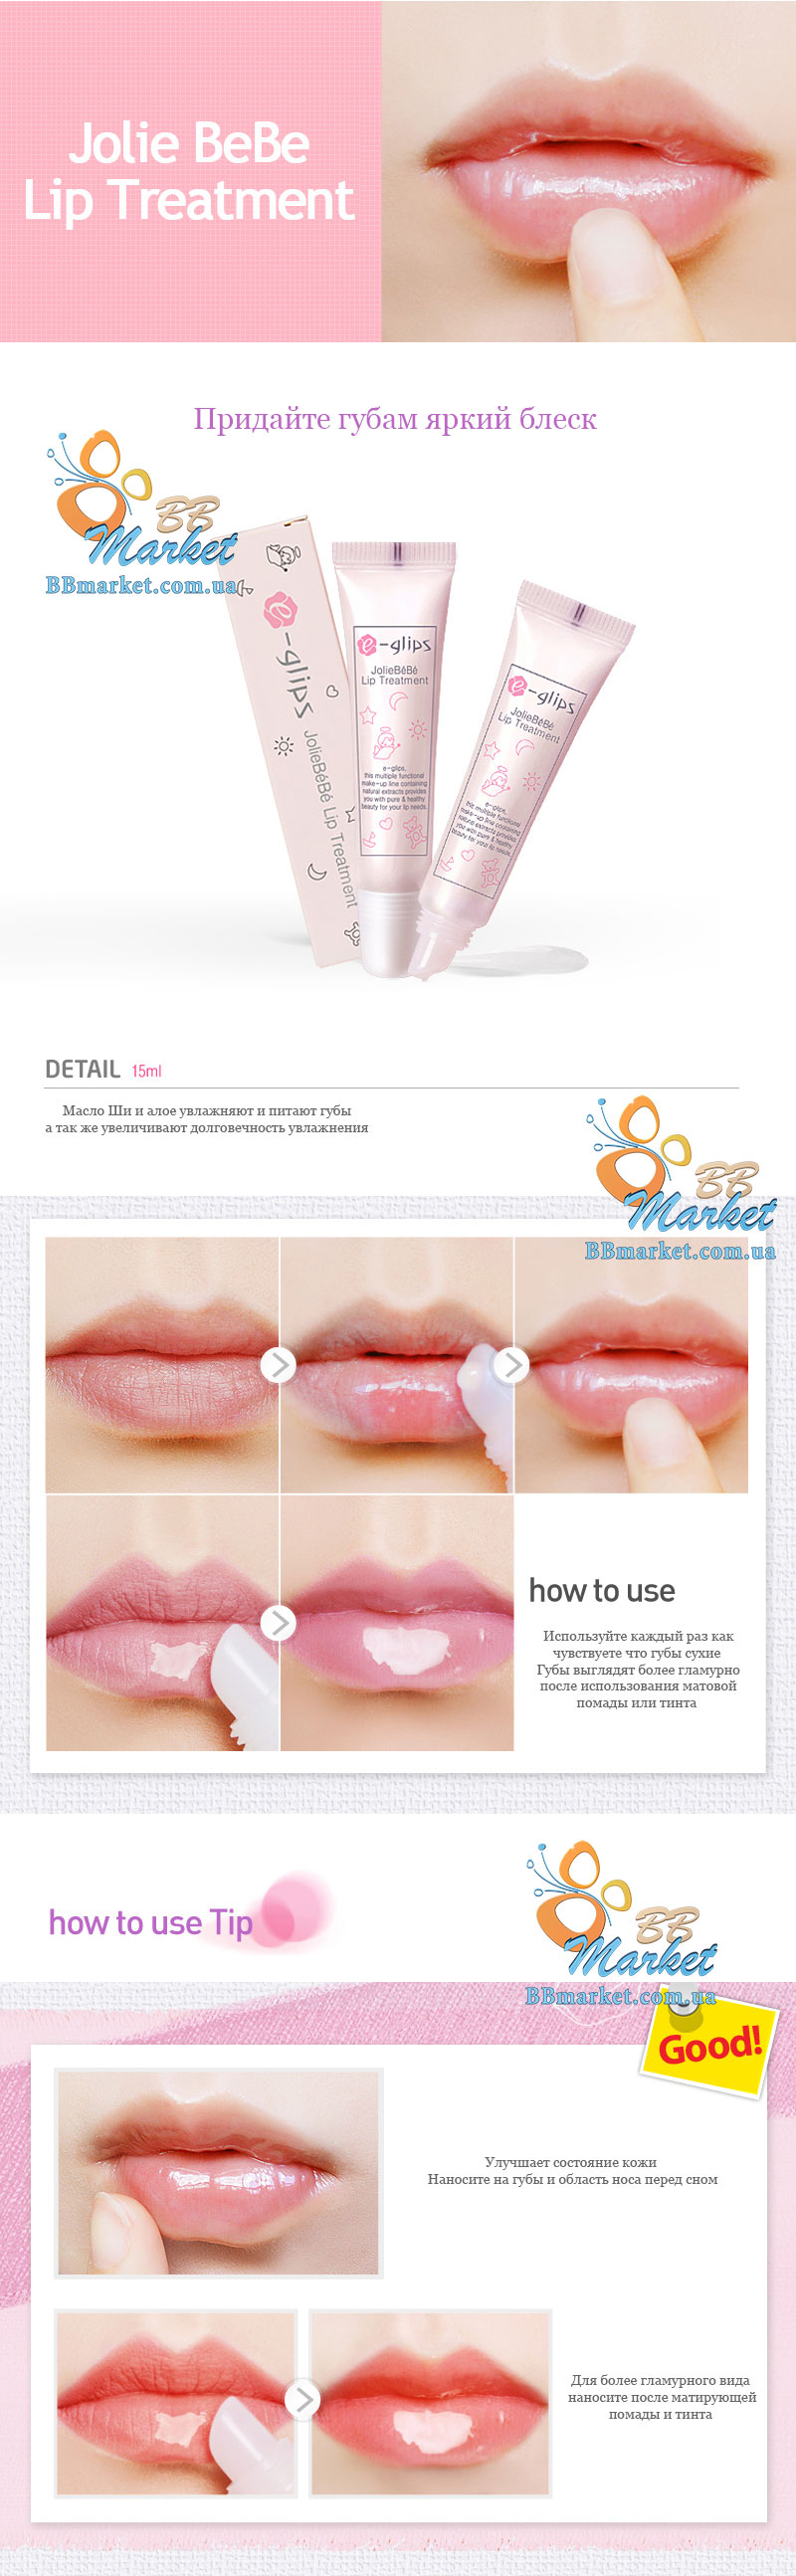 E-glips Jolie BeBe Lip Treatment